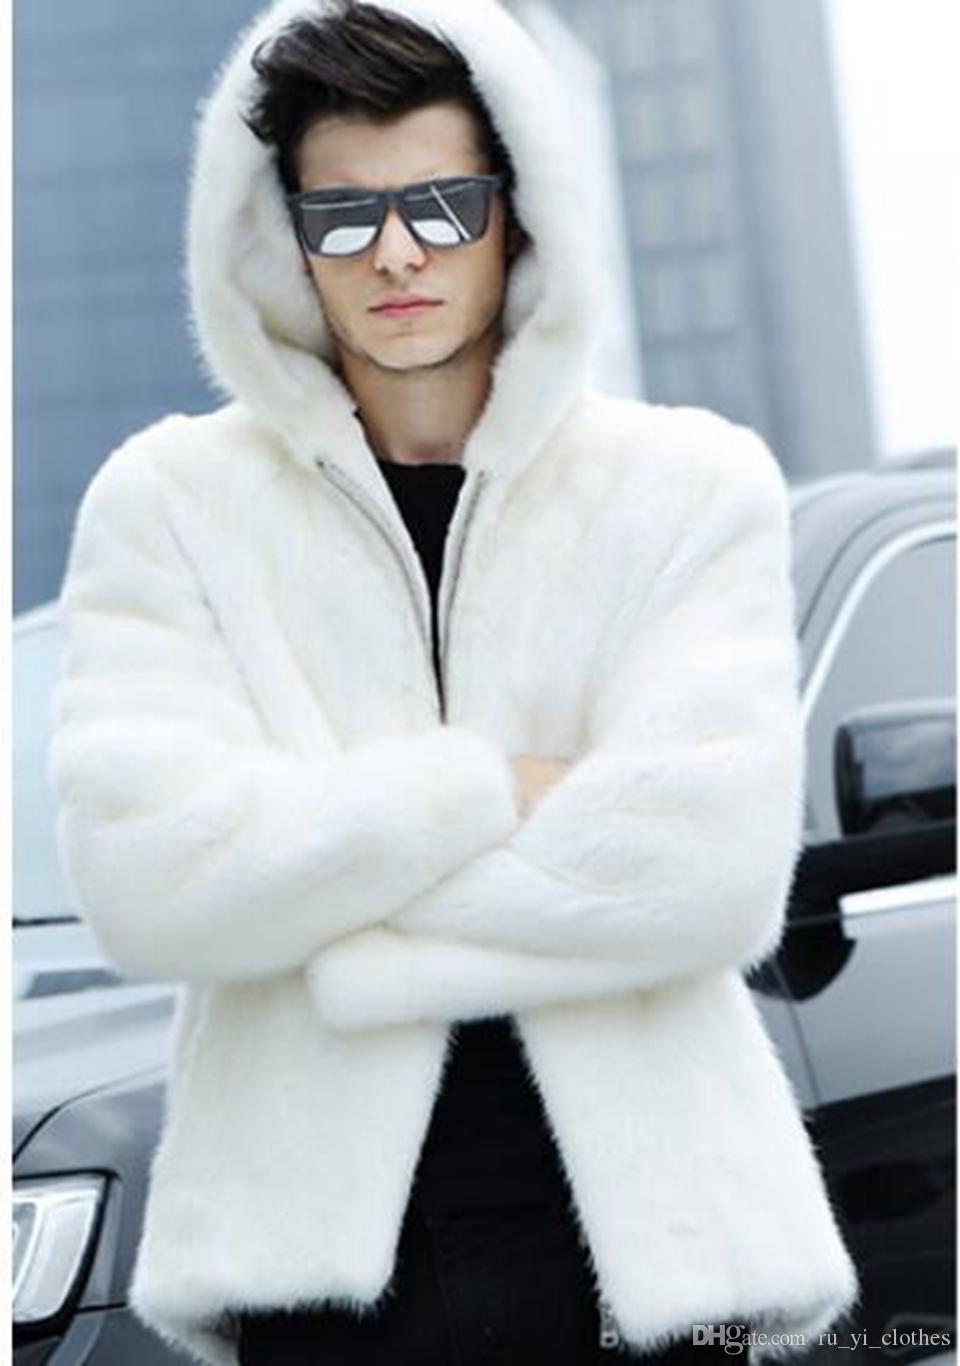 Hombres otoño invierno moda coreana nuevo estilo de boutique europeo y americano personalidad guapo tendencia sombrero blanco abrigo de piel S-4XL